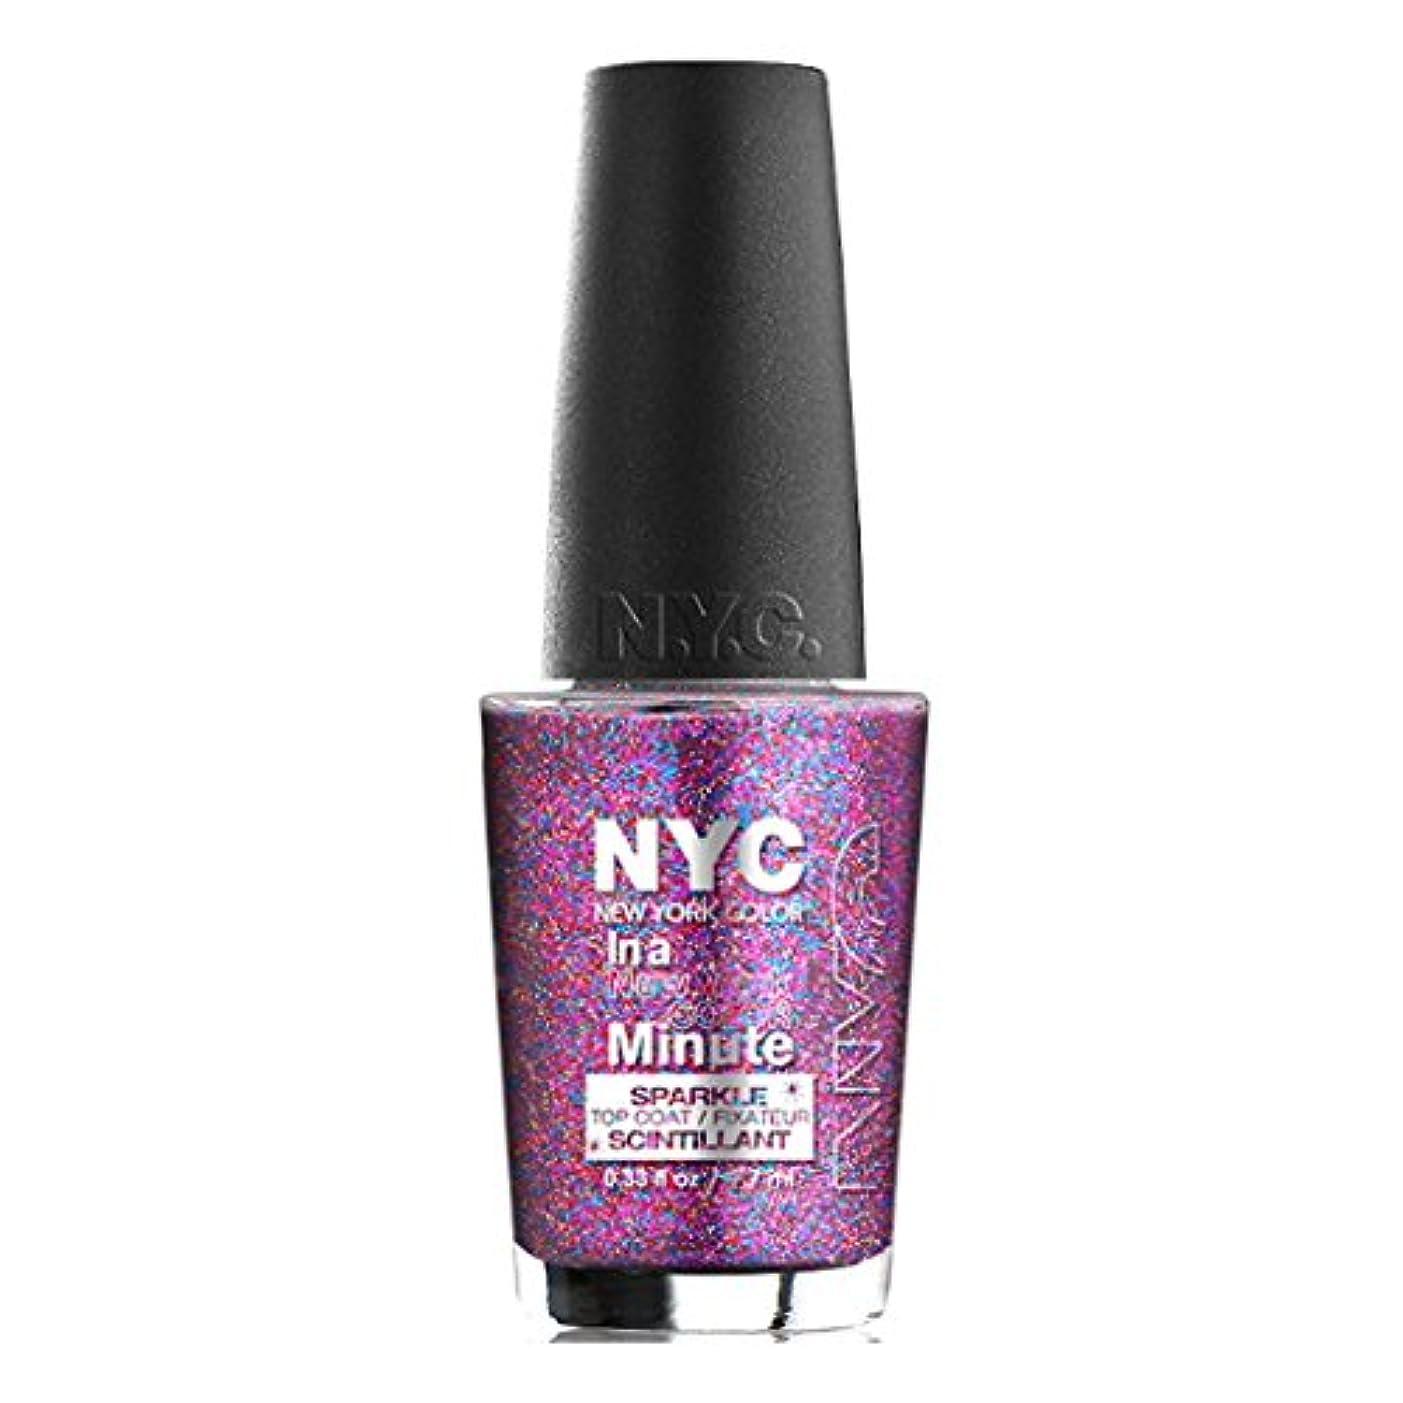 スパーク原理メキシコNYC In A New York Color Minute Sparkle Top Coat Big City Dazzle (並行輸入品)